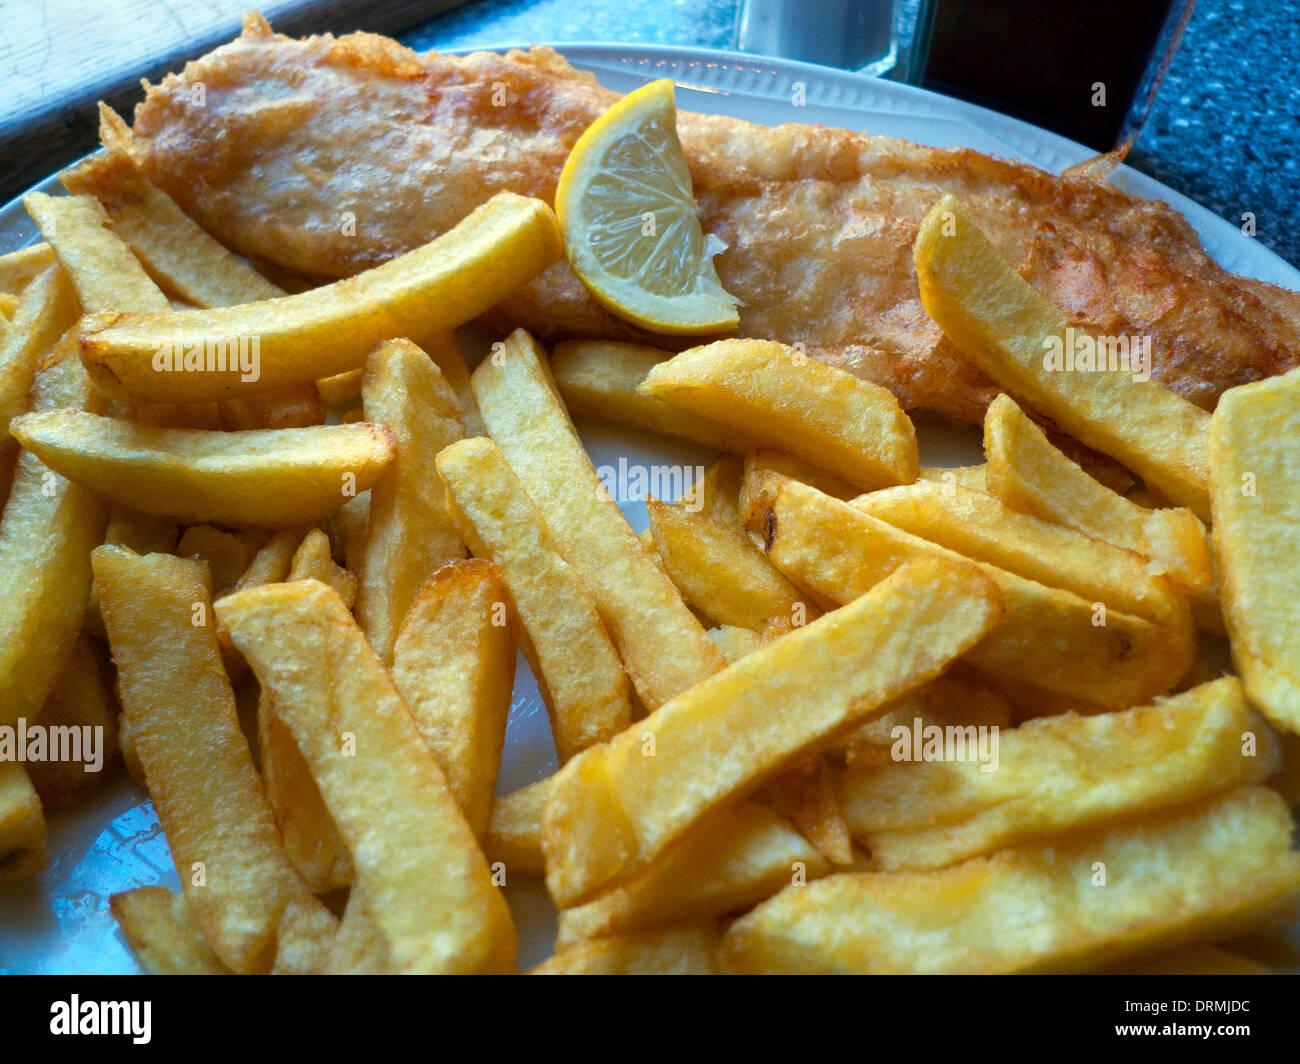 Pesce e patatine pasto su una piastra in Lloyds take-away shop a Lampeter Ceredigion REGNO UNITO Galles KATHY DEWITT Immagini Stock